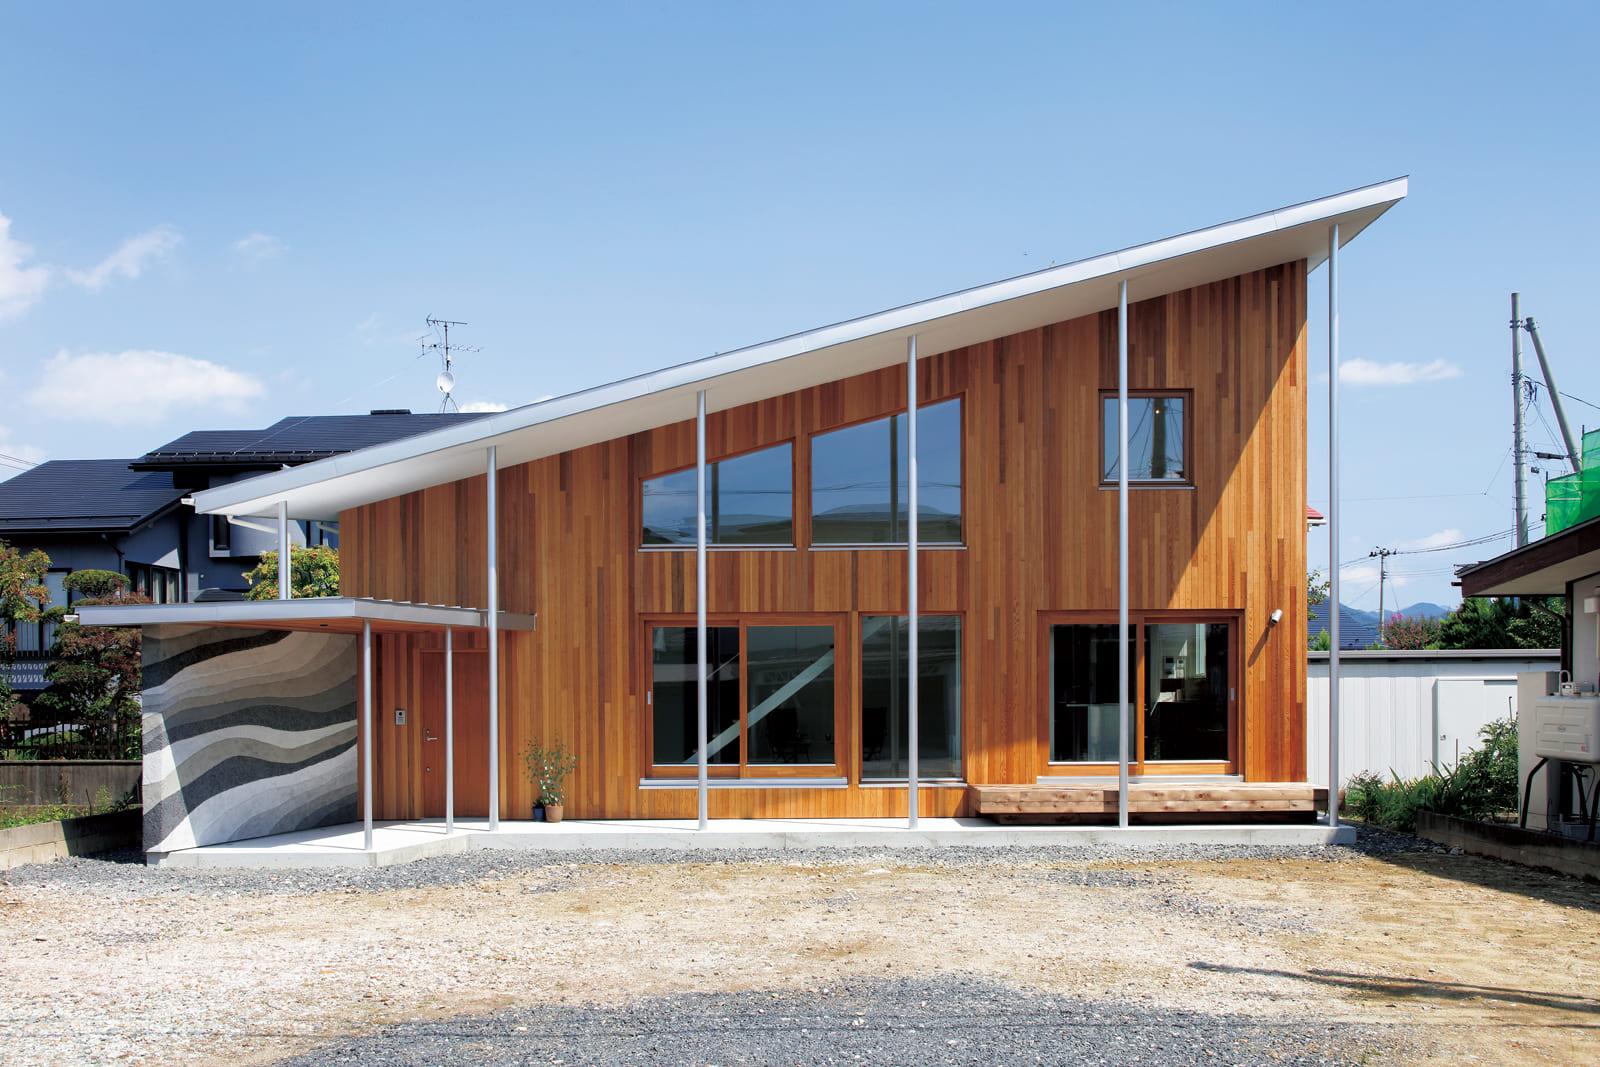 一直線の片流れ屋根と壁面のレッドシダーが美しい。日本古来の版築壁をイメージし、一層一層土の調合を変えて造作された玄関ポーチの土壁が印象的